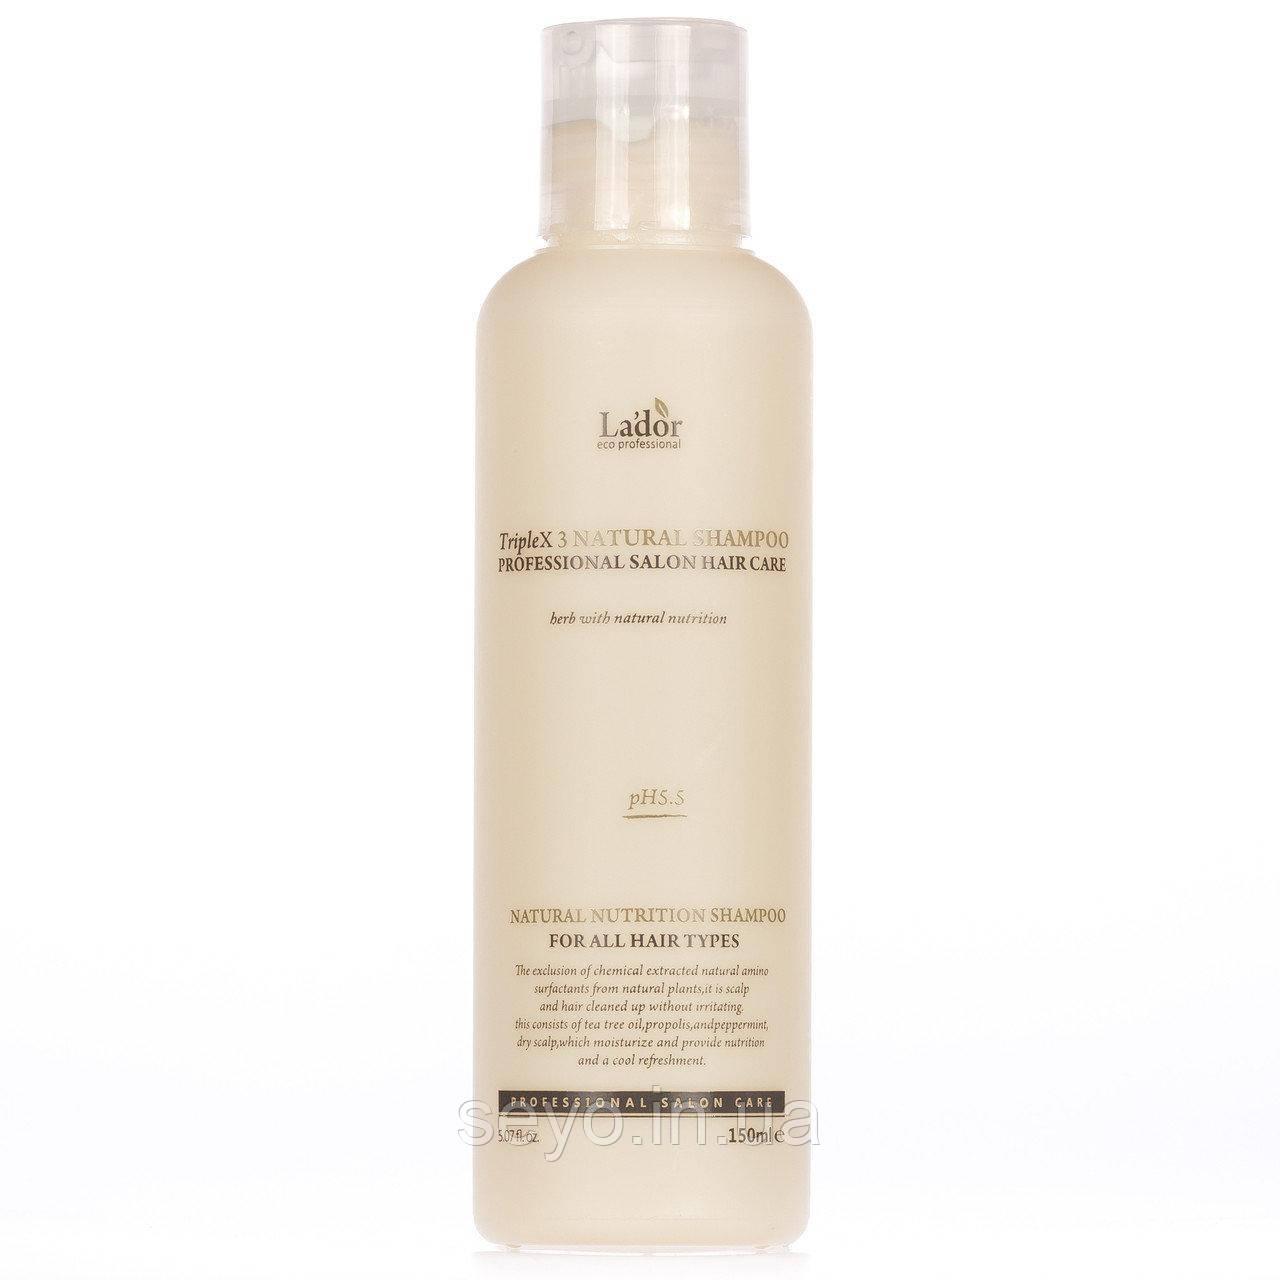 Безсульфатный органический шампунь La'dor Triplex Natural Shampoo, 150 мл